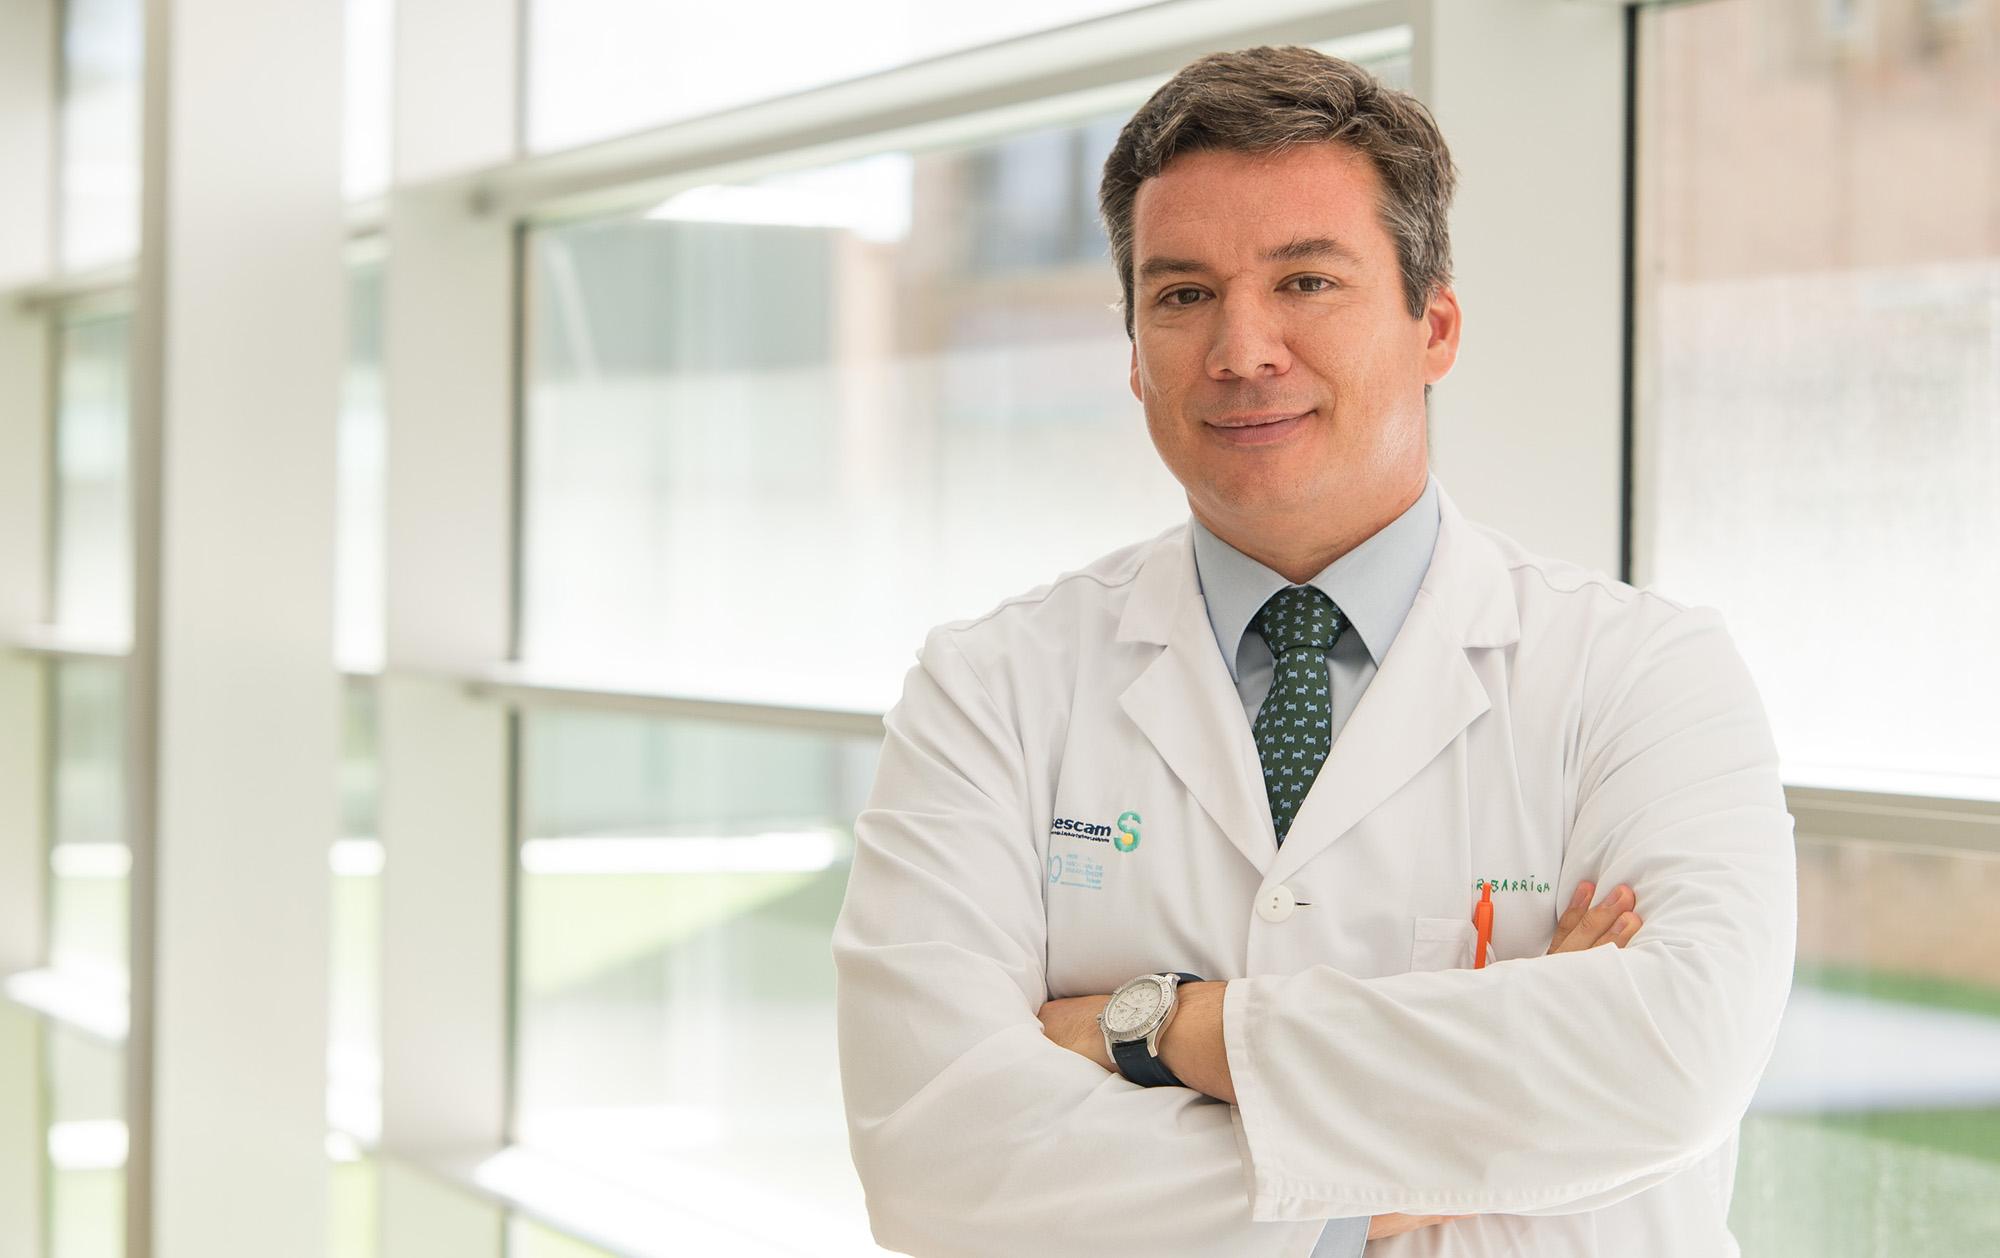 Dr. Andrés Barriga Martín, traumatólogo del Hospital Nacional de Parapléjicos.  (Foto: Carlos Monroy // SESCAM)